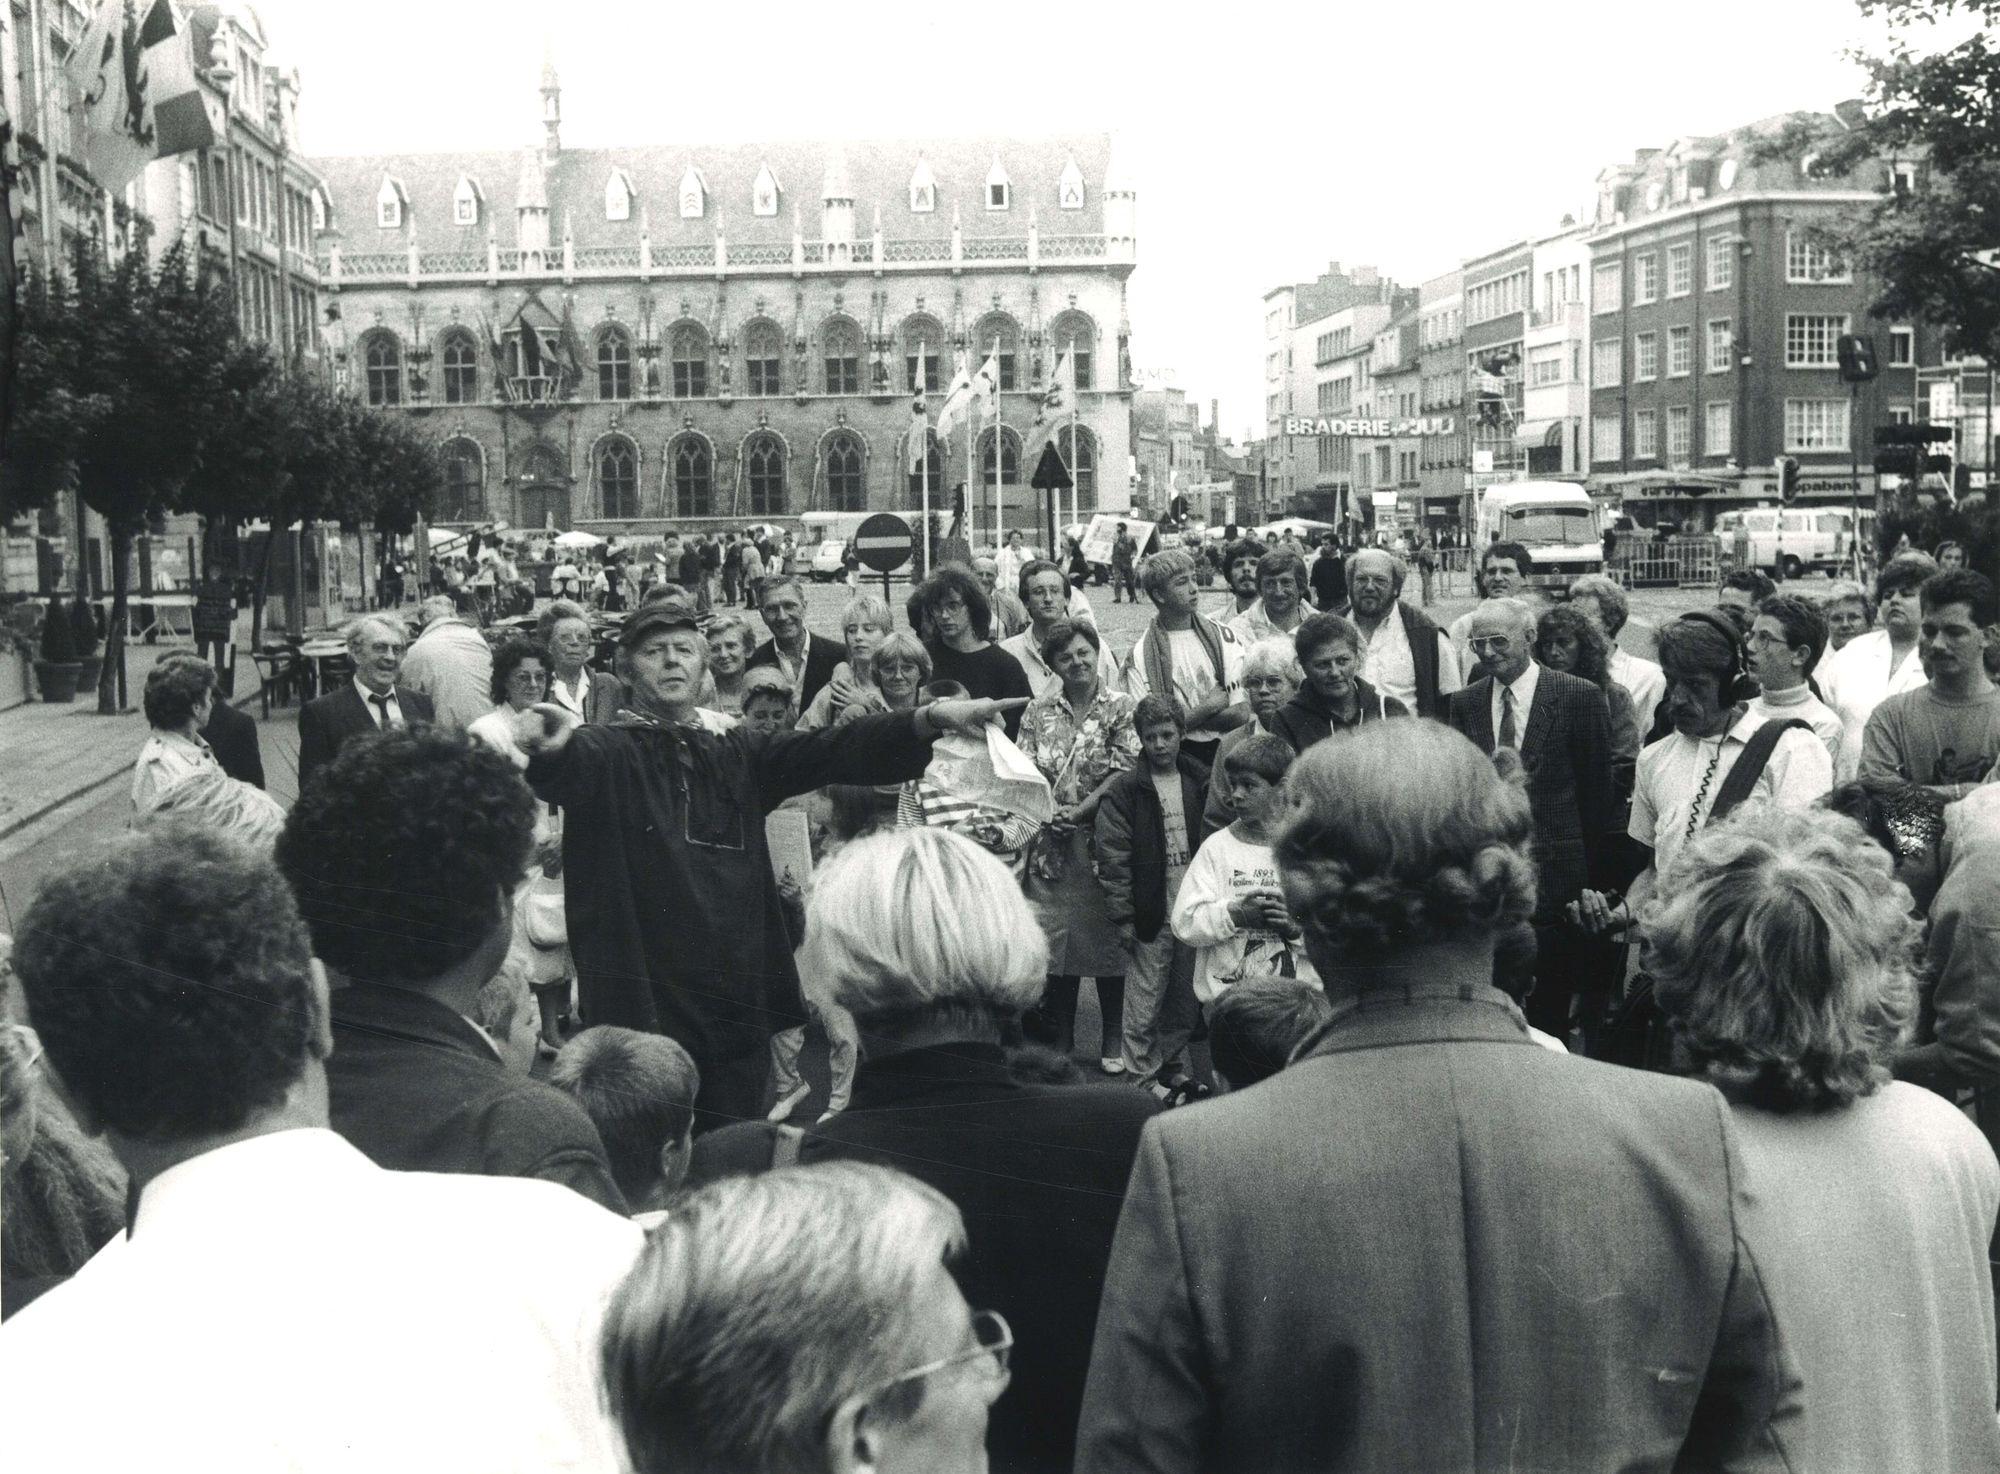 11julifeesten 1989 op de Grote Markt